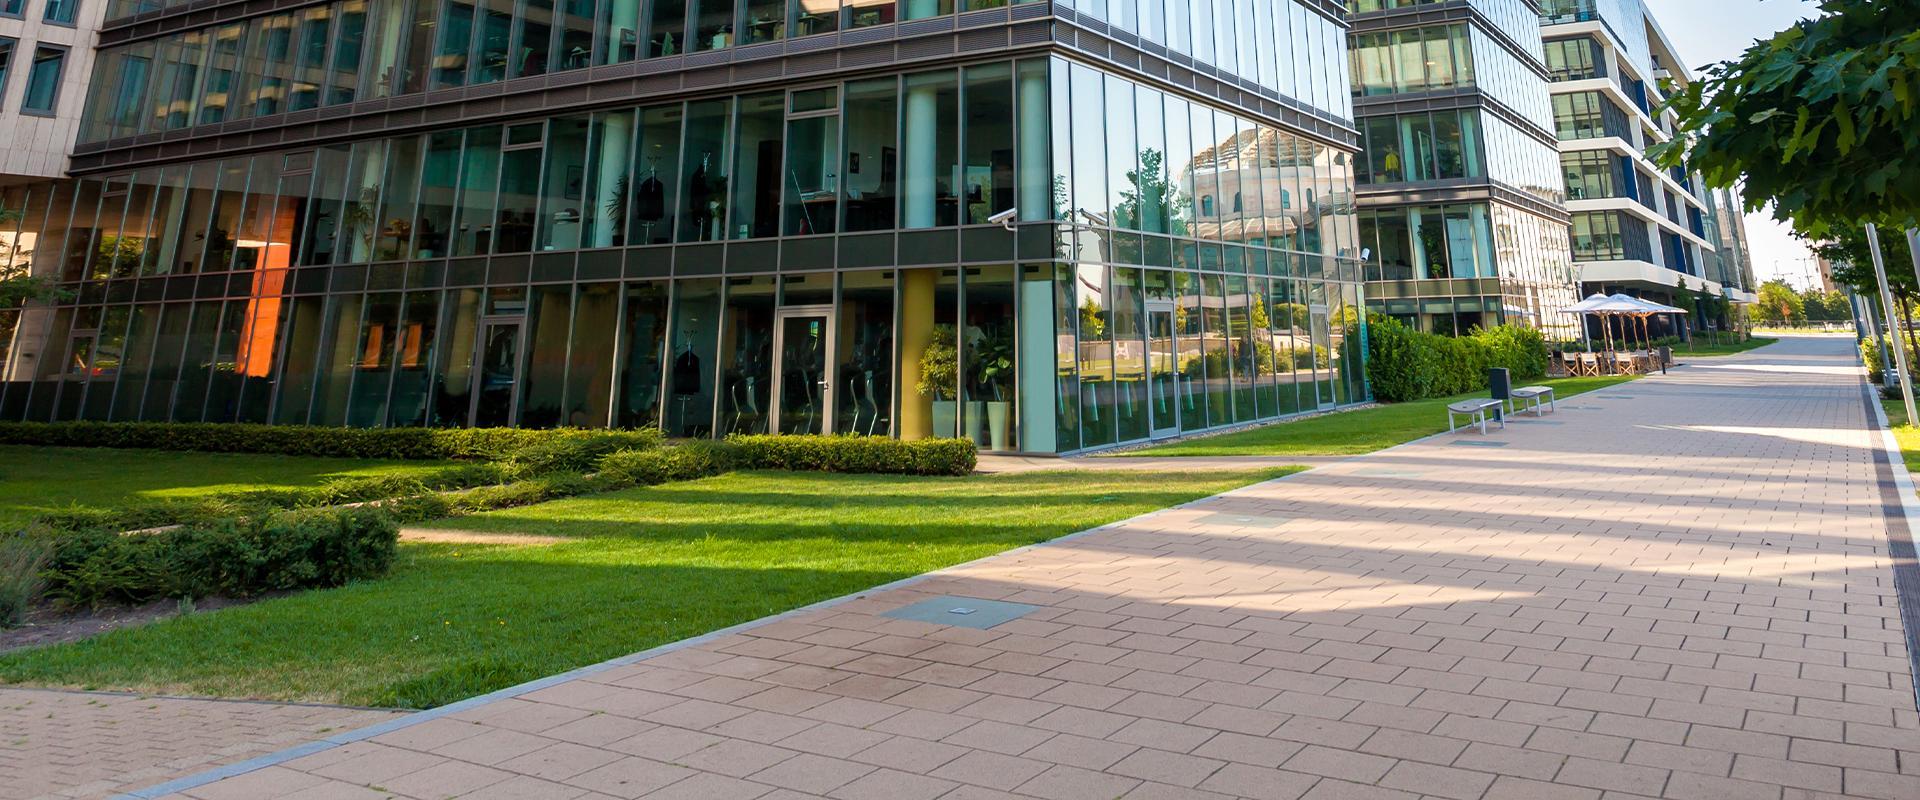 exterior commercial walkway